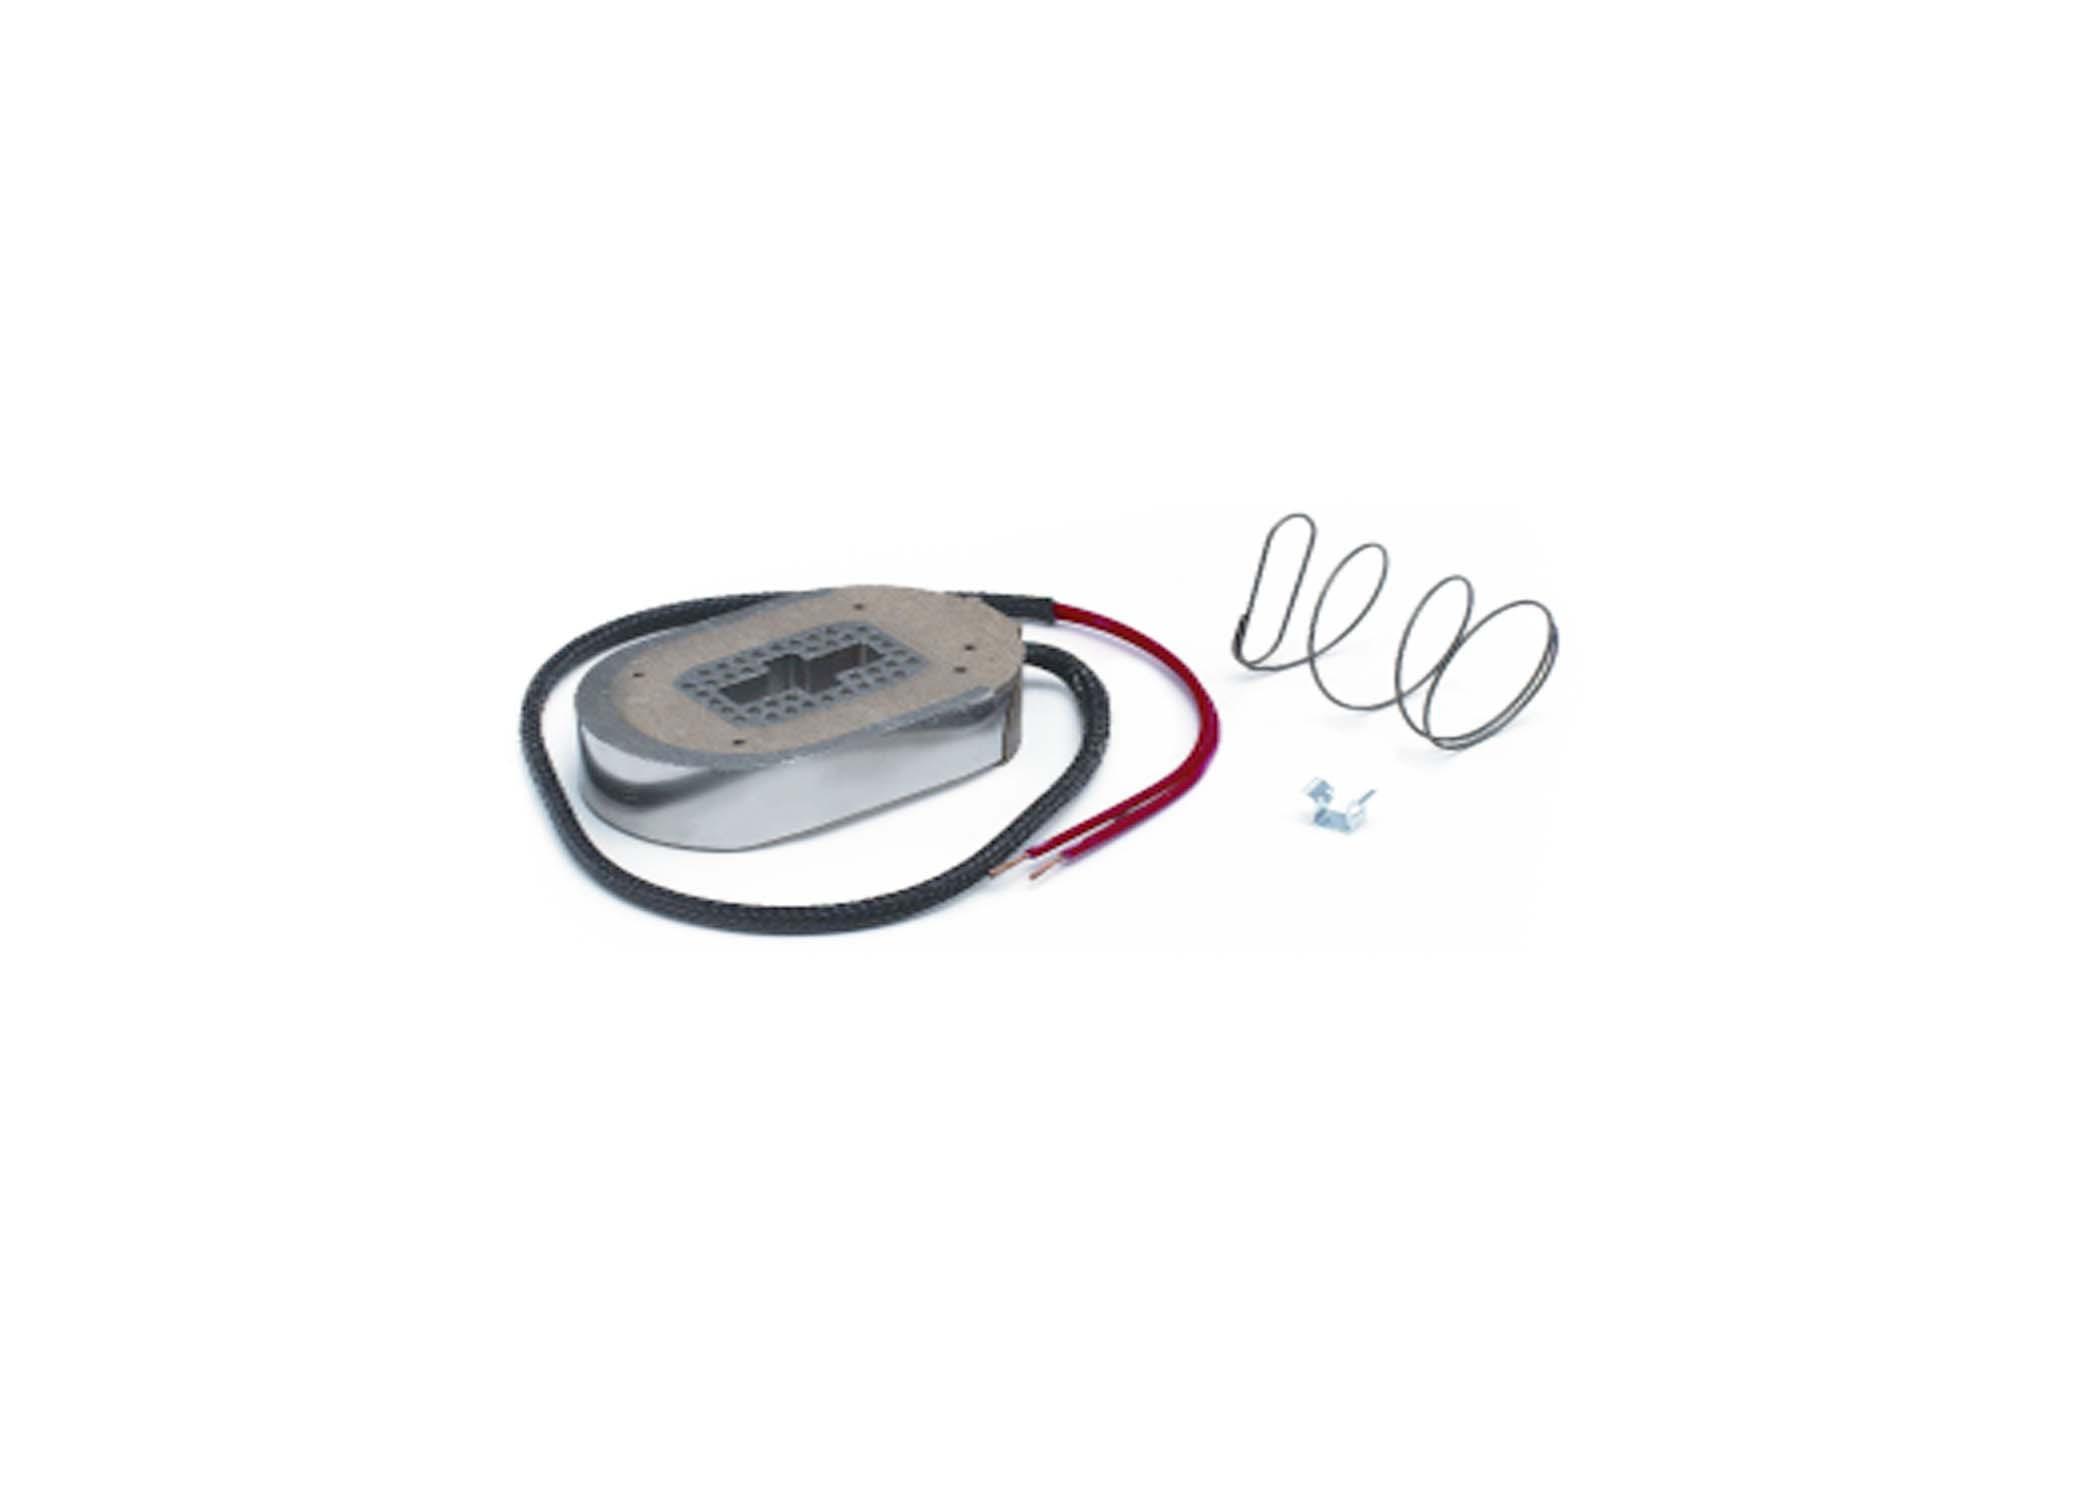 nla use k71-378-00 - brake magnets